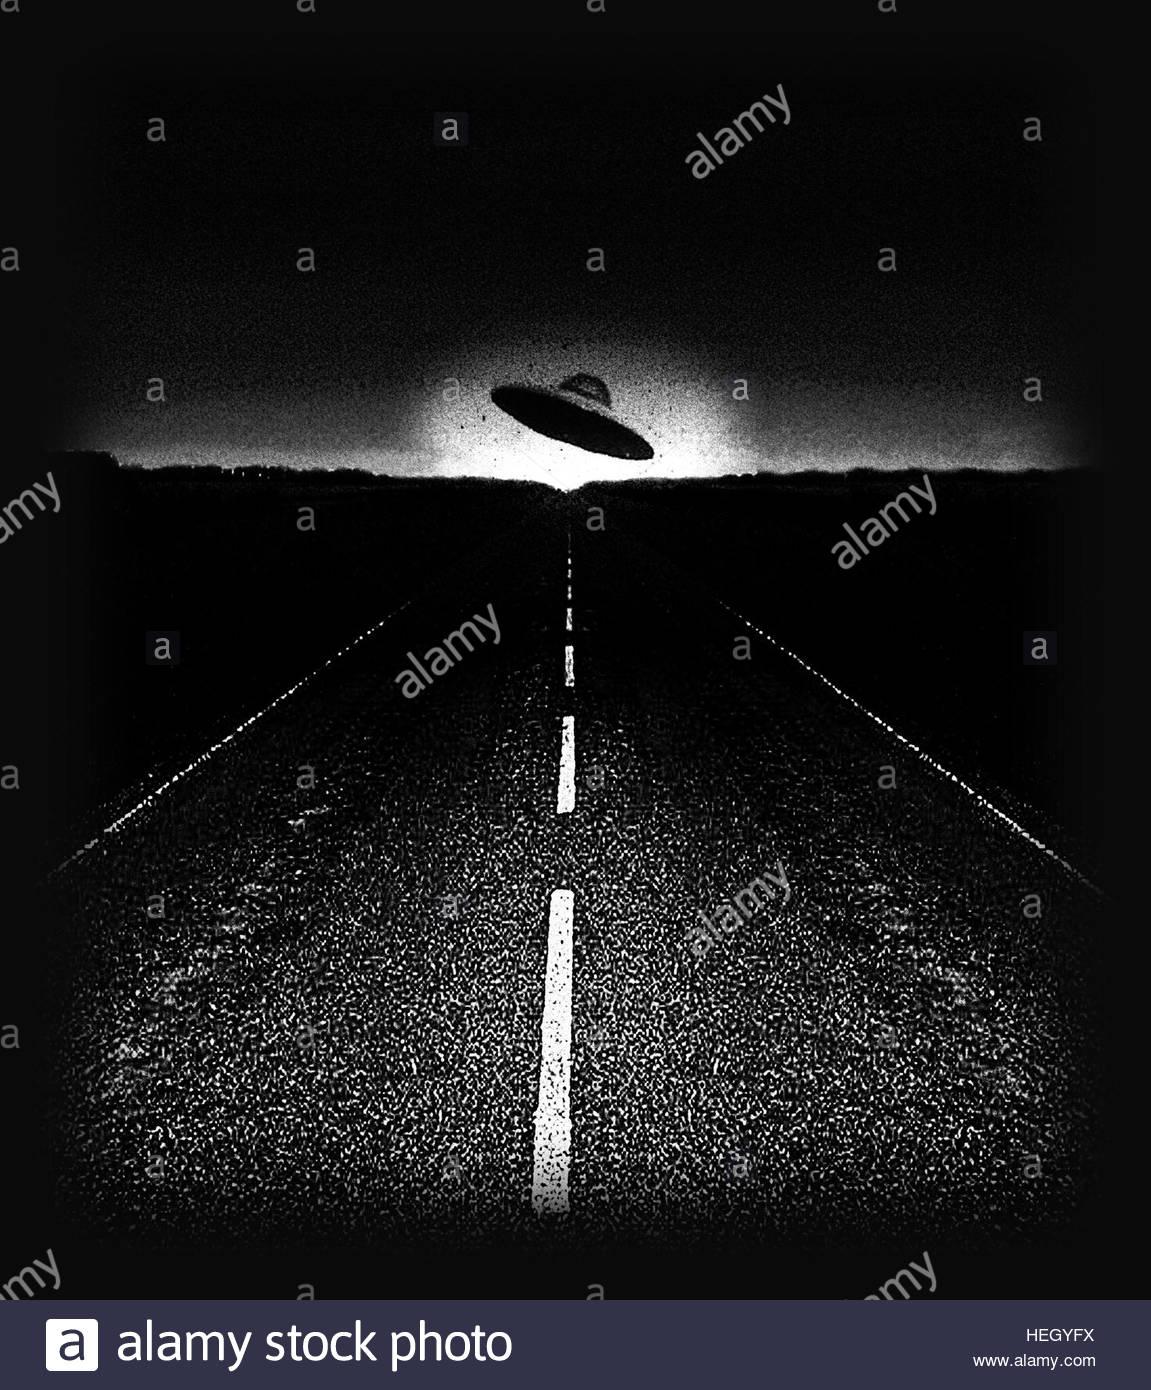 Ovni sur route à l'âge de l'espace rétro nuit soucoupe volant gris rencontre proche Photo Stock